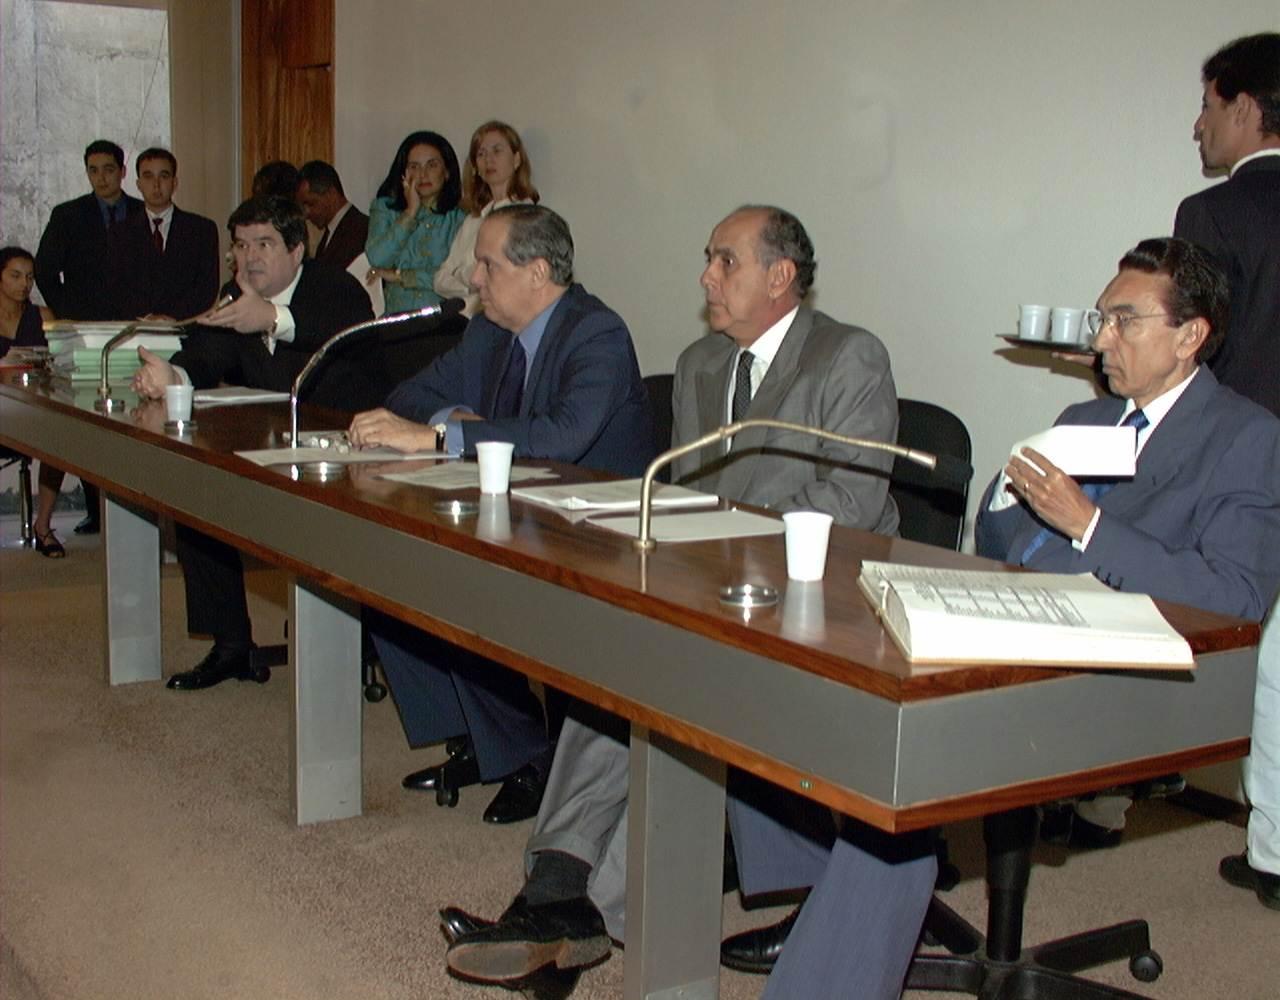 Senadores Sérgio Machado, Pedro Piva, Mauro Miranda e Edson Lobão na Comissão de Assuntos Econômic (CAE) | Foto: Reprodução